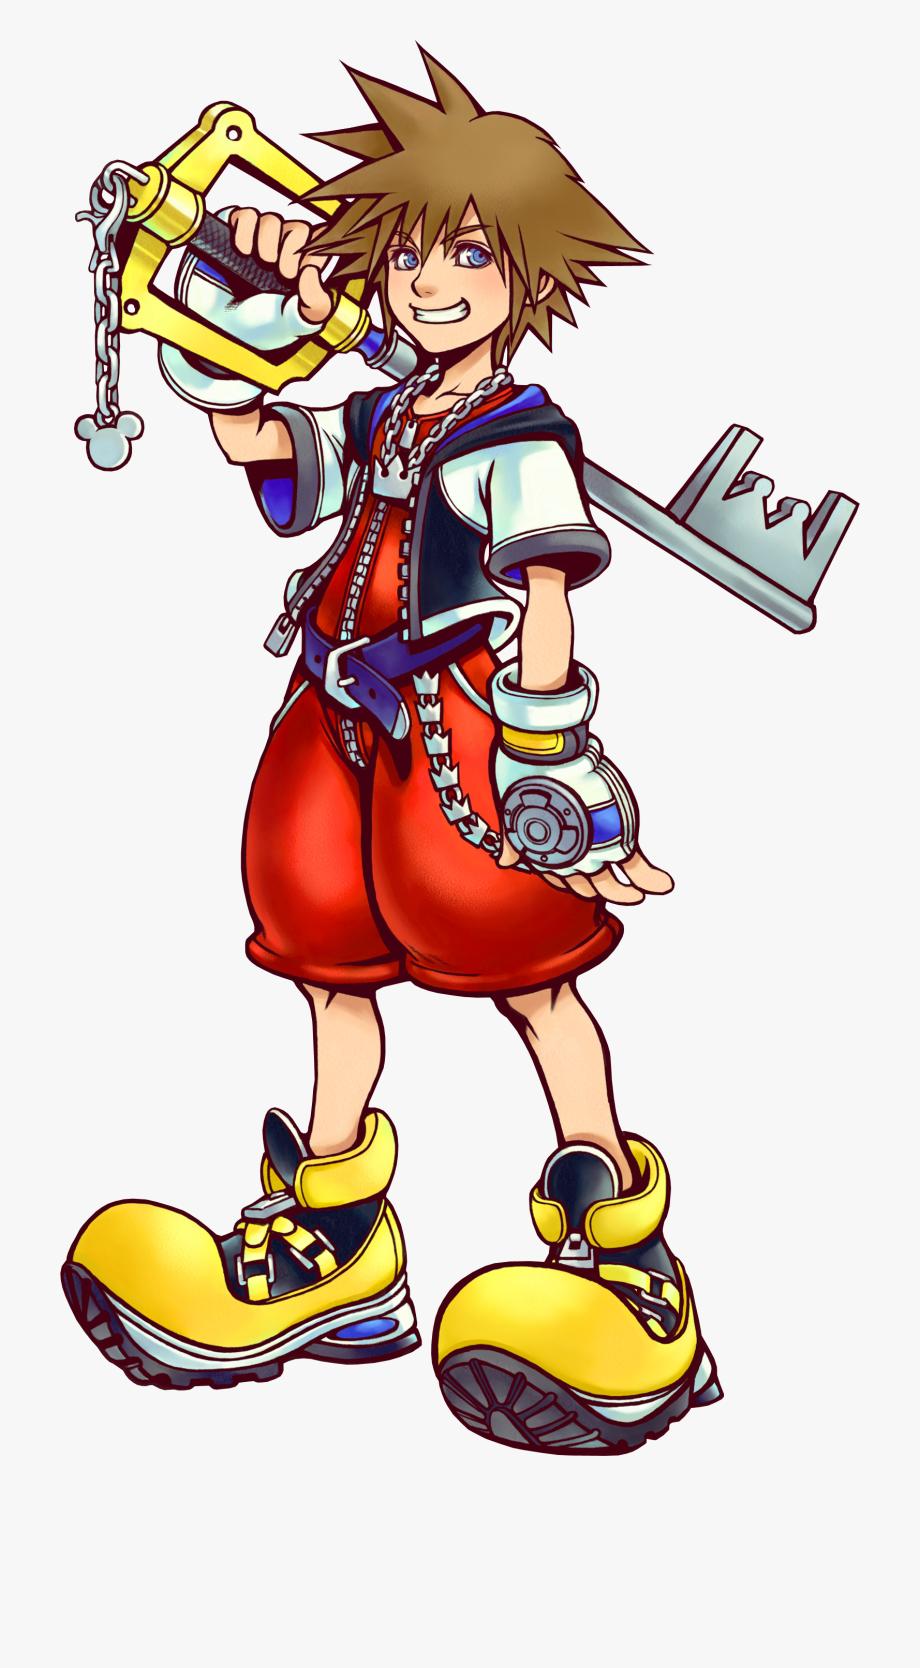 Kingdom Hearts 1 Sora Png.